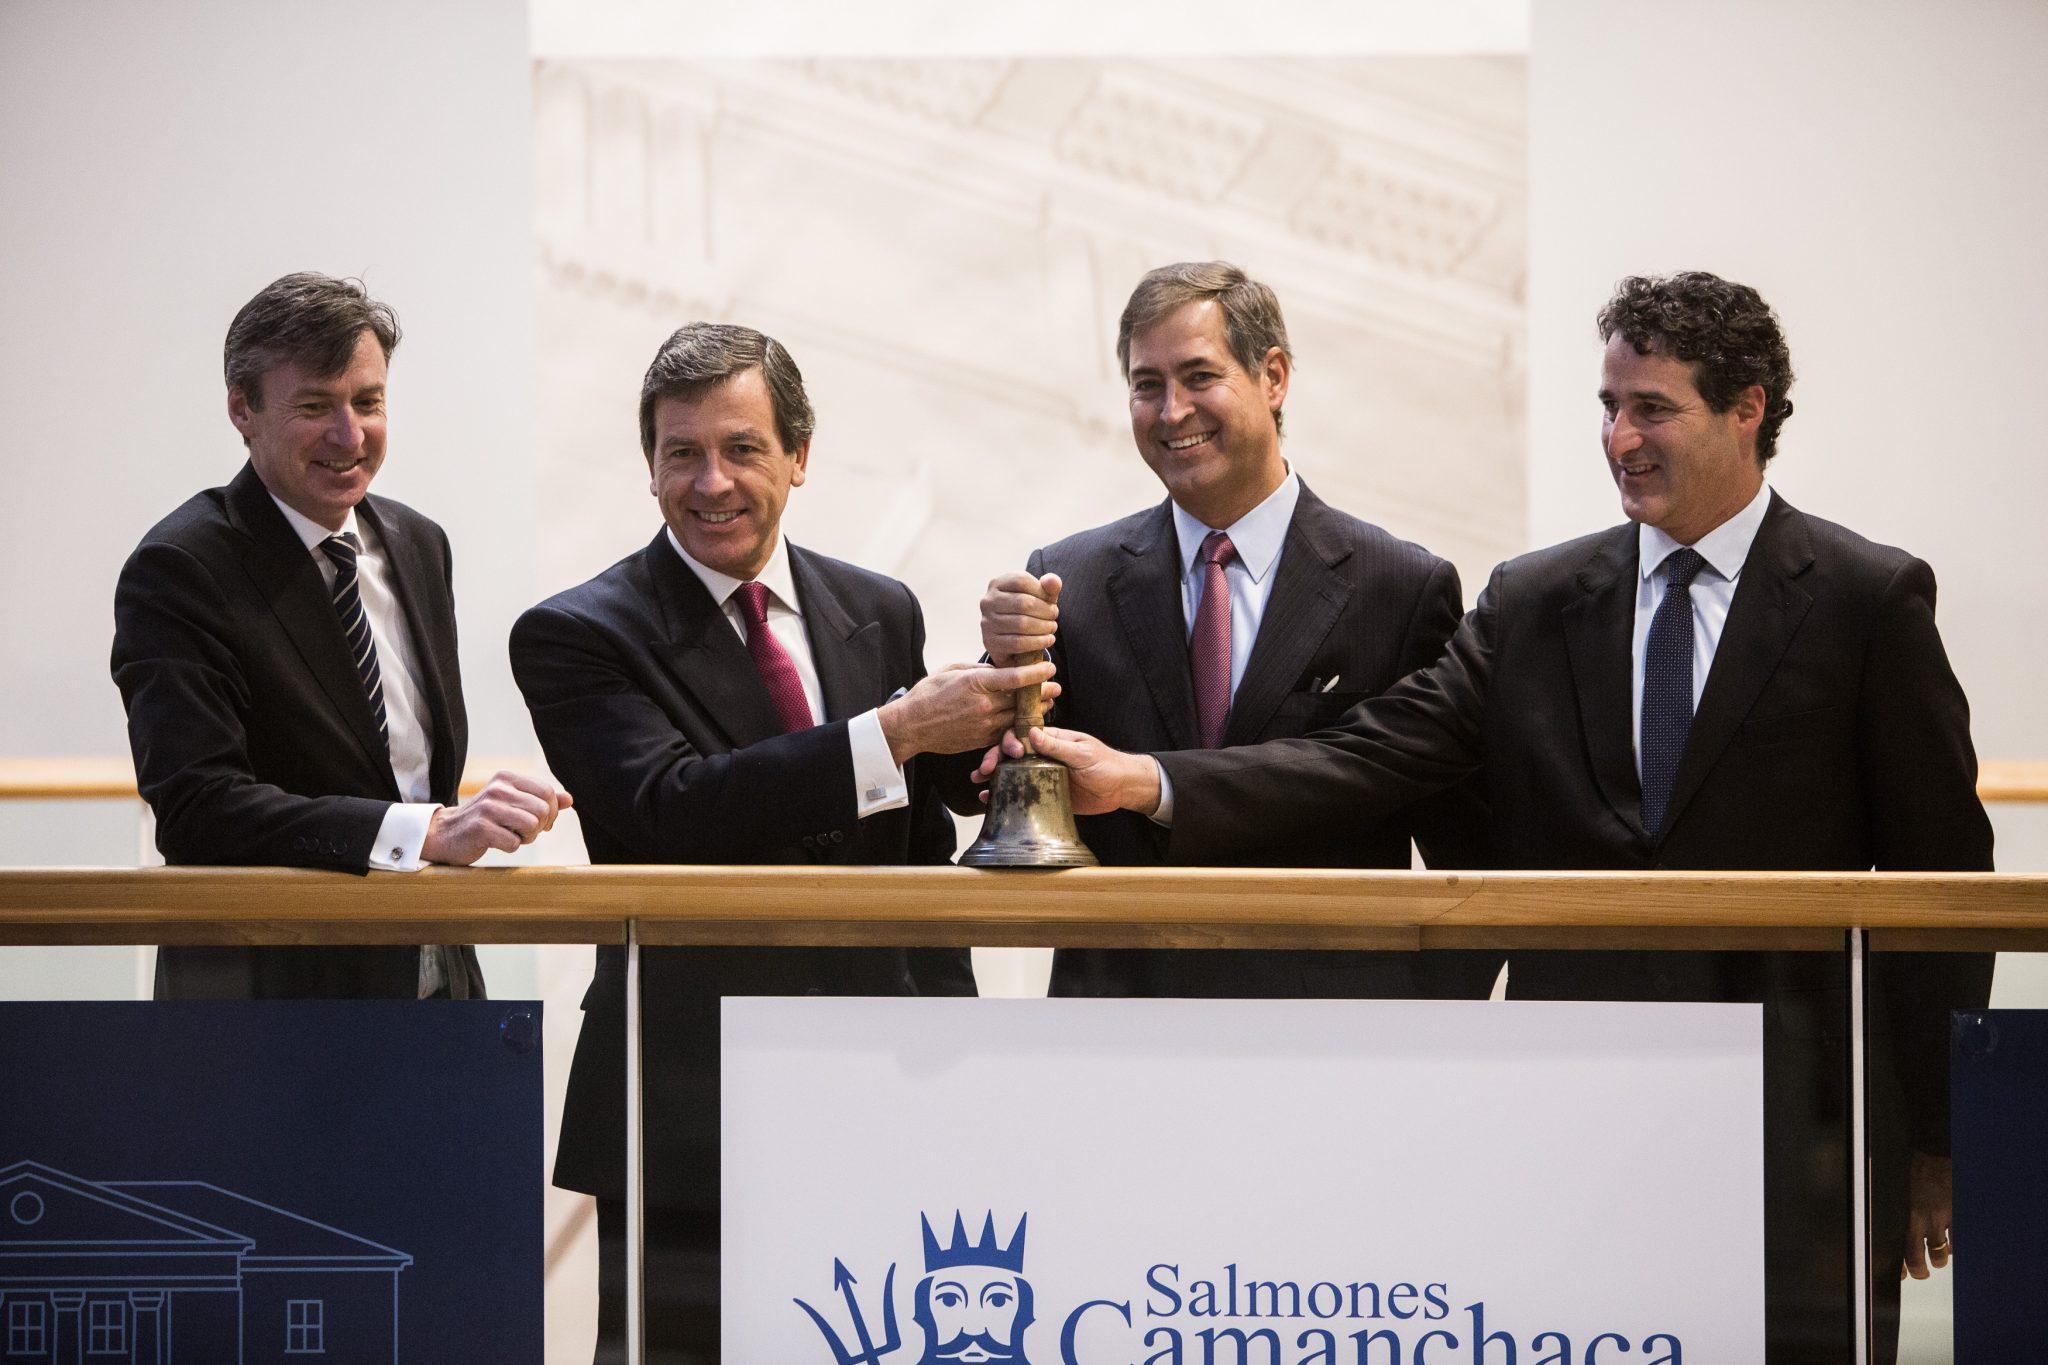 Salmones Camanchaca concreta histórica apertura en Chile y Noruega